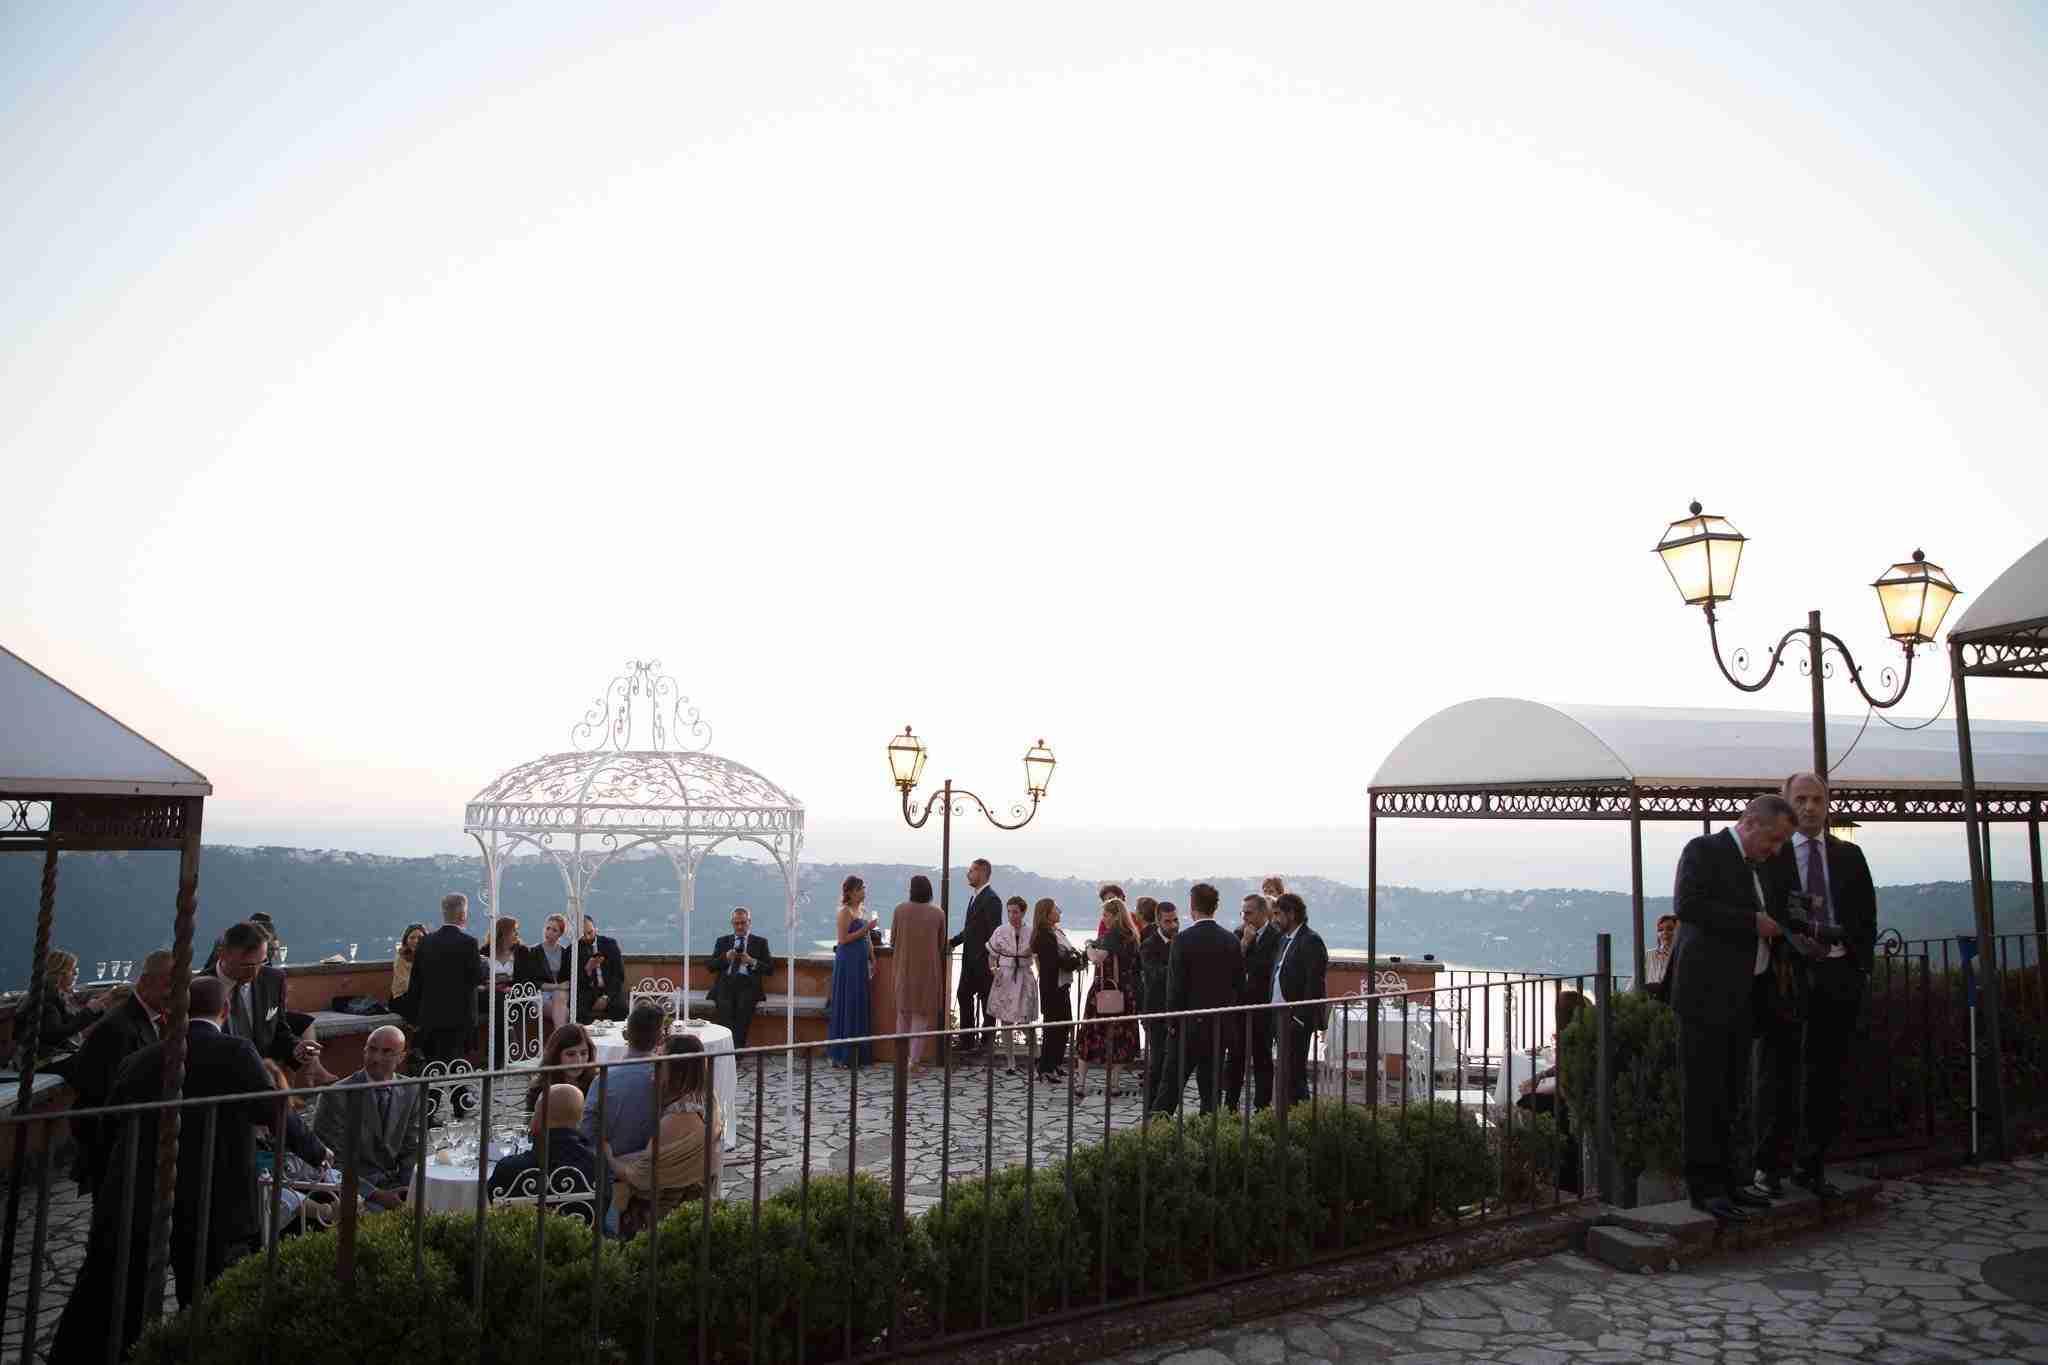 Villa per Matrimoni Cardinali - Terrazza sul Mare